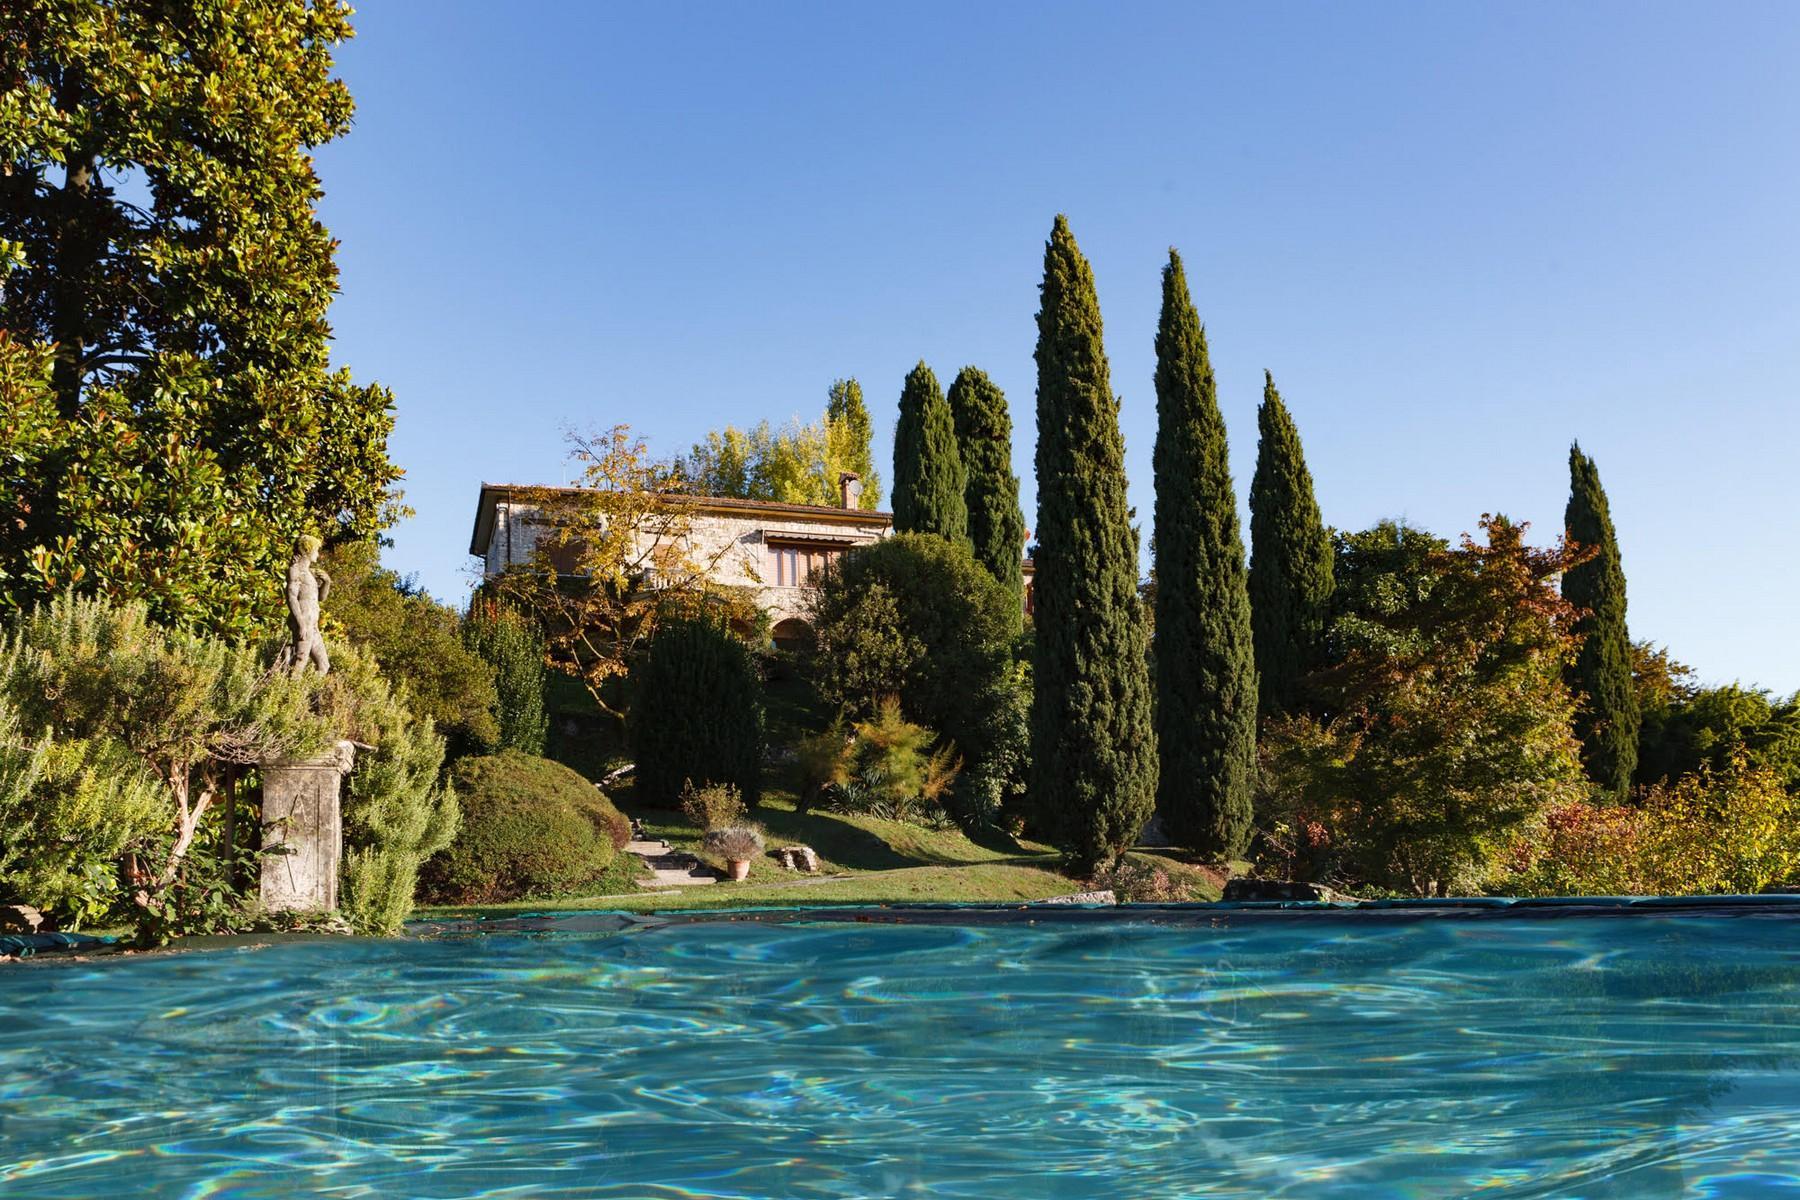 Spettacolare villa con piscina con vista totale sui colli asolani - 2